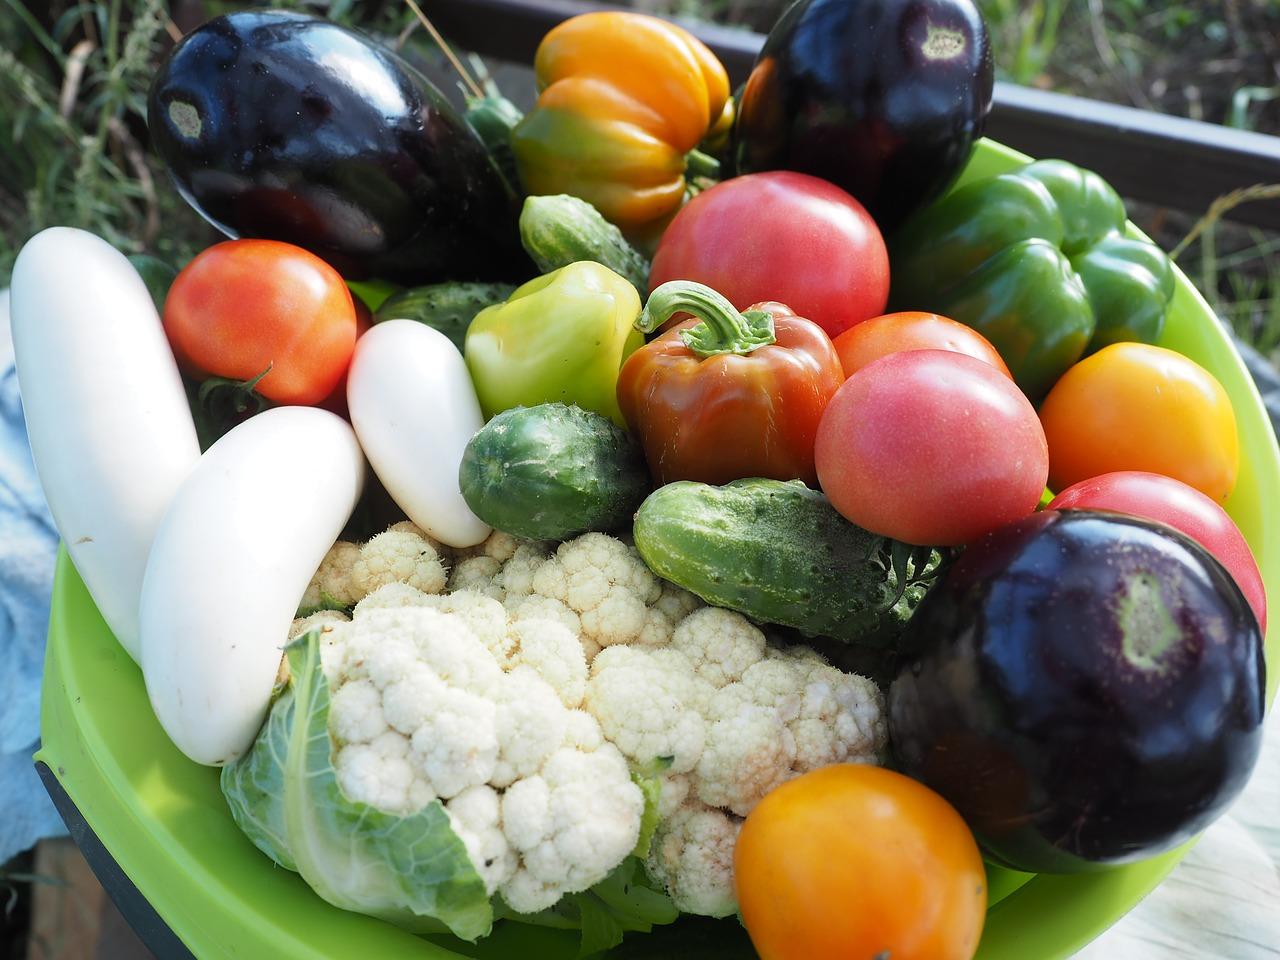 Czy warto przejść na wegetarianizm? Wpływ diety wege na organizm